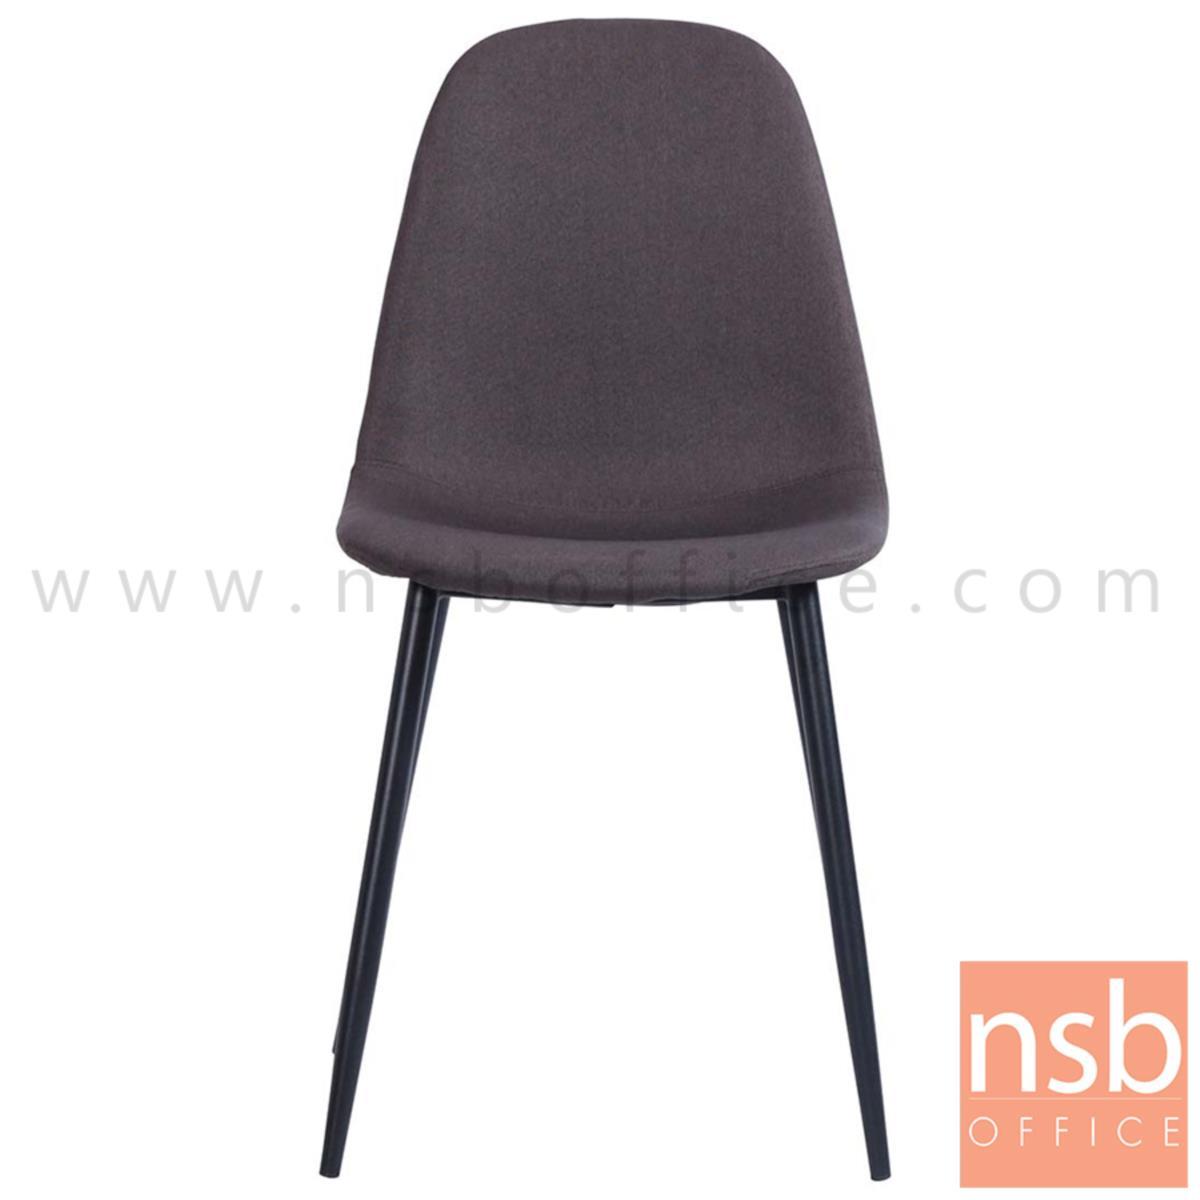 เก้าอี้โมเดิร์นหุ้มผ้า รุ่น Jerome (เจอโรม)  ขาเหล็กพ่นดำ